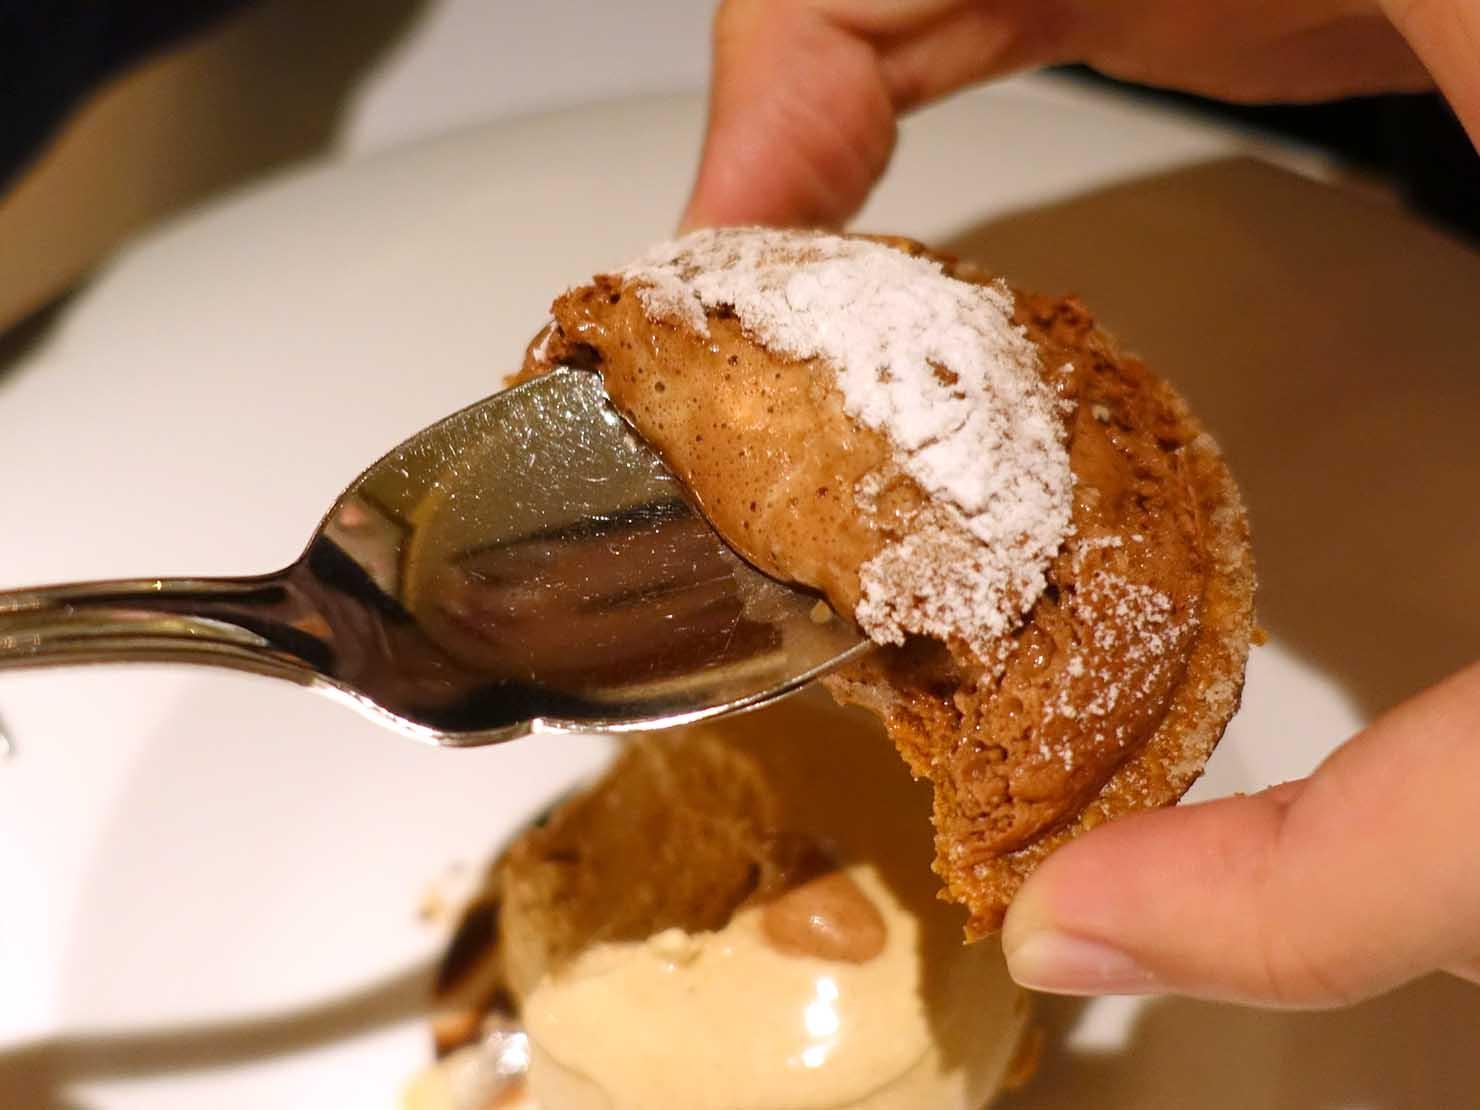 台北の4つ星ホテルにあるステーキハウス「地中海牛排館」の脆餅(チョコレートクッキー)クローズアップ